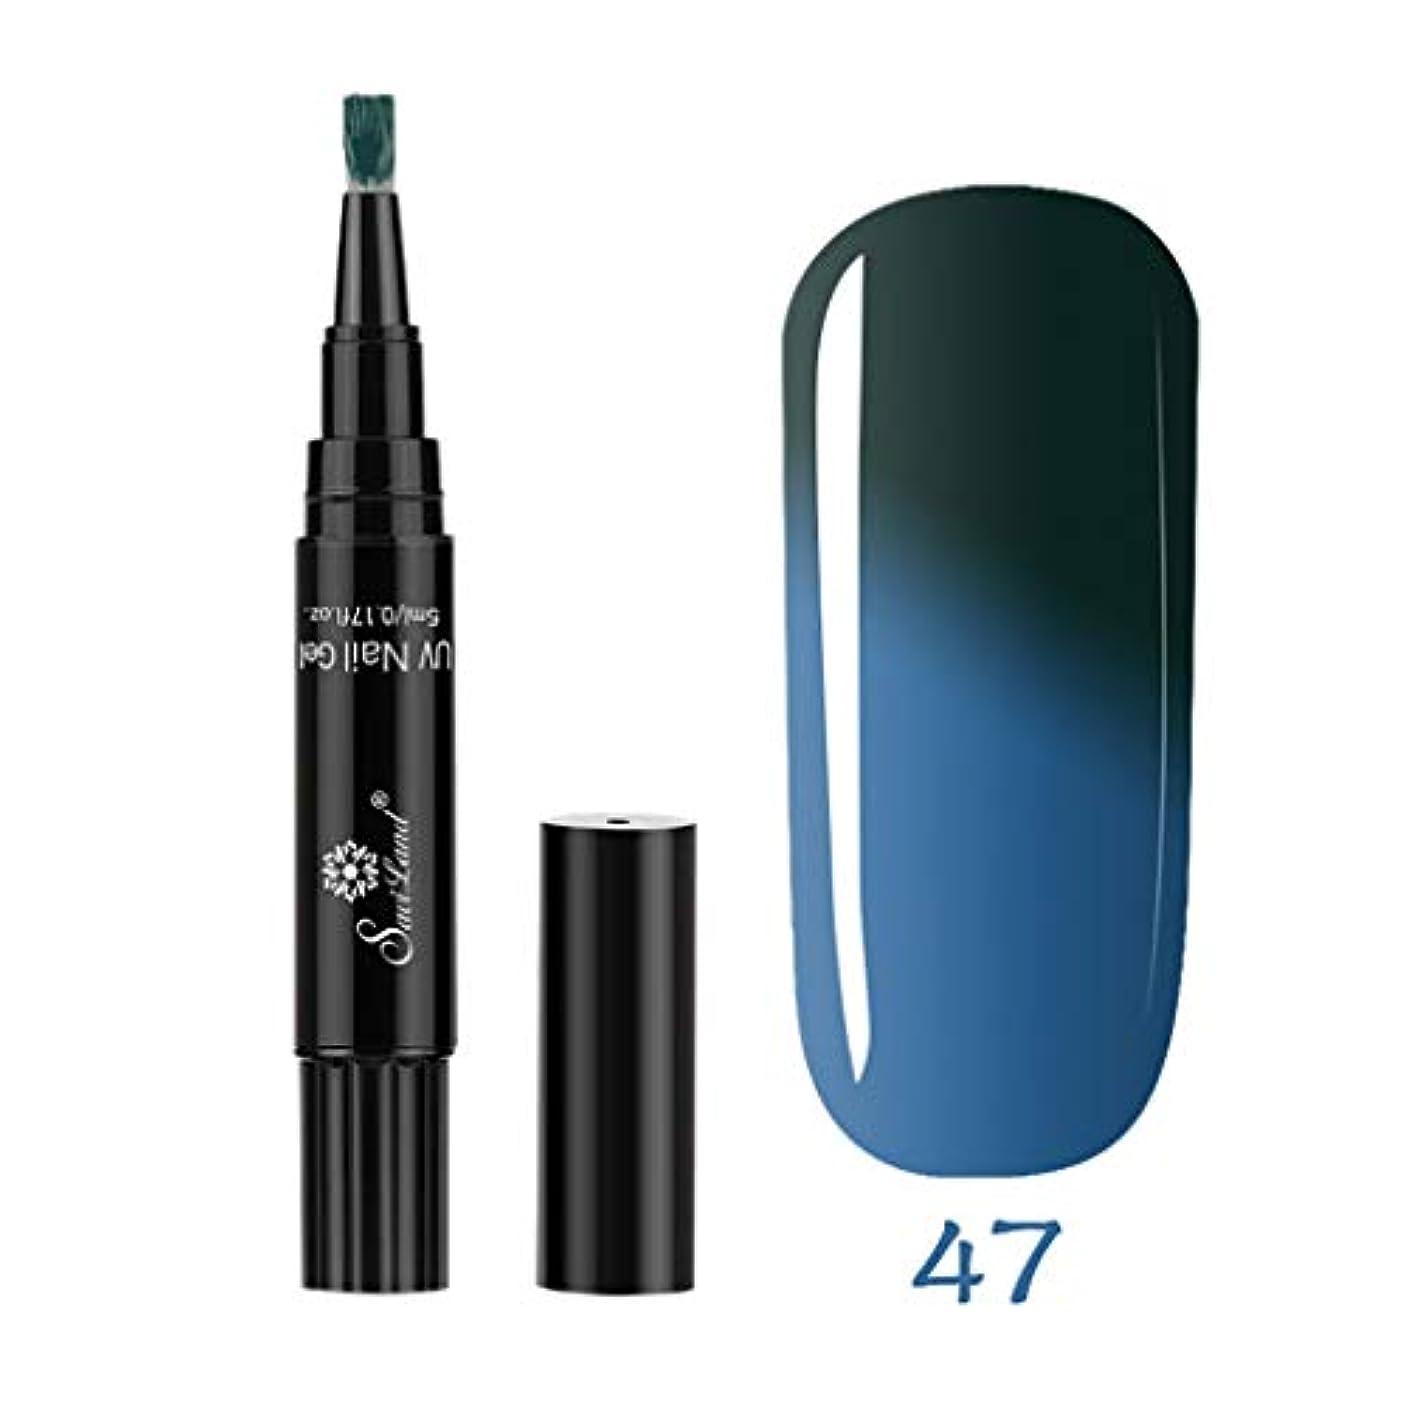 貝殻エージェント解釈的1ステップネイルジェルペンに1 Pc 3 UV温度変更ジェルを使用するには1ステップネイル (H)